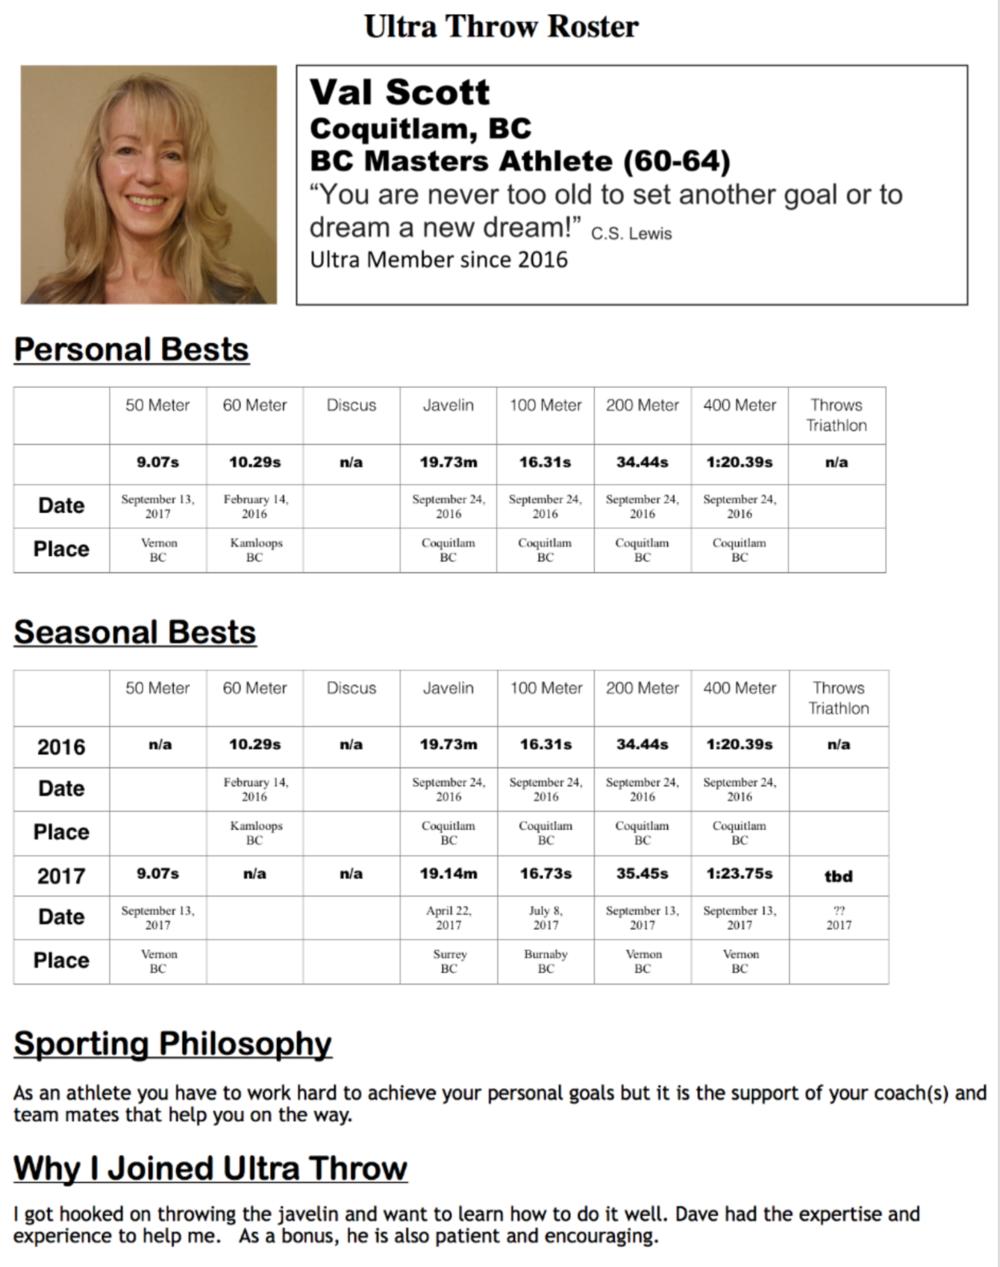 Valerie scott, BC Masters athlete (60-64), Coquitlam, BC